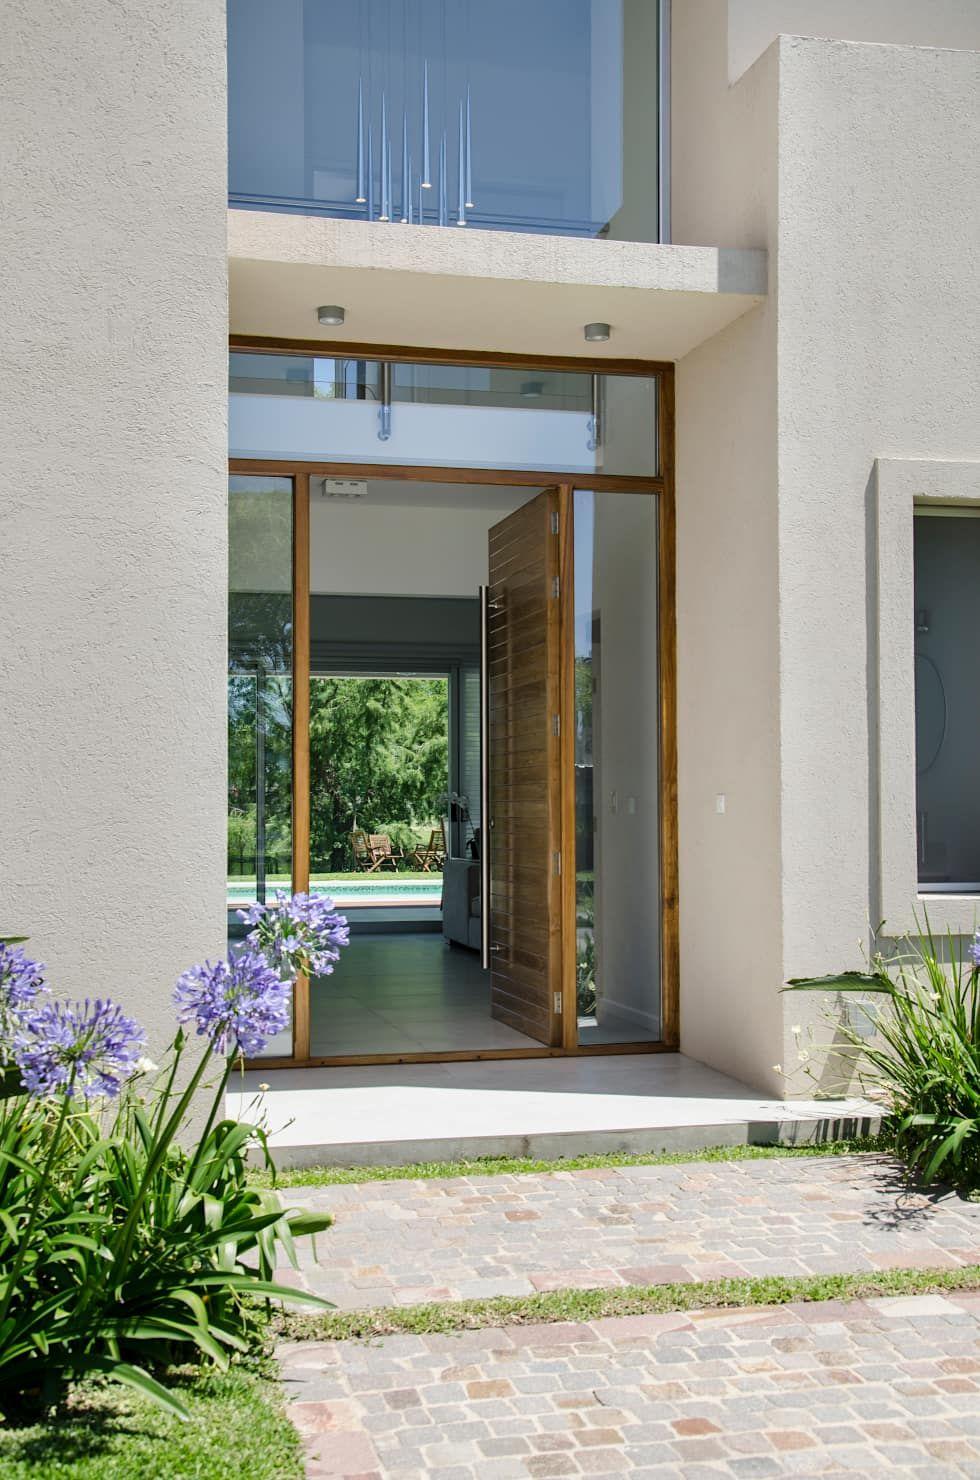 Im genes de decoraci n y dise o de interiores puertas for Disenos de puertas para interiores